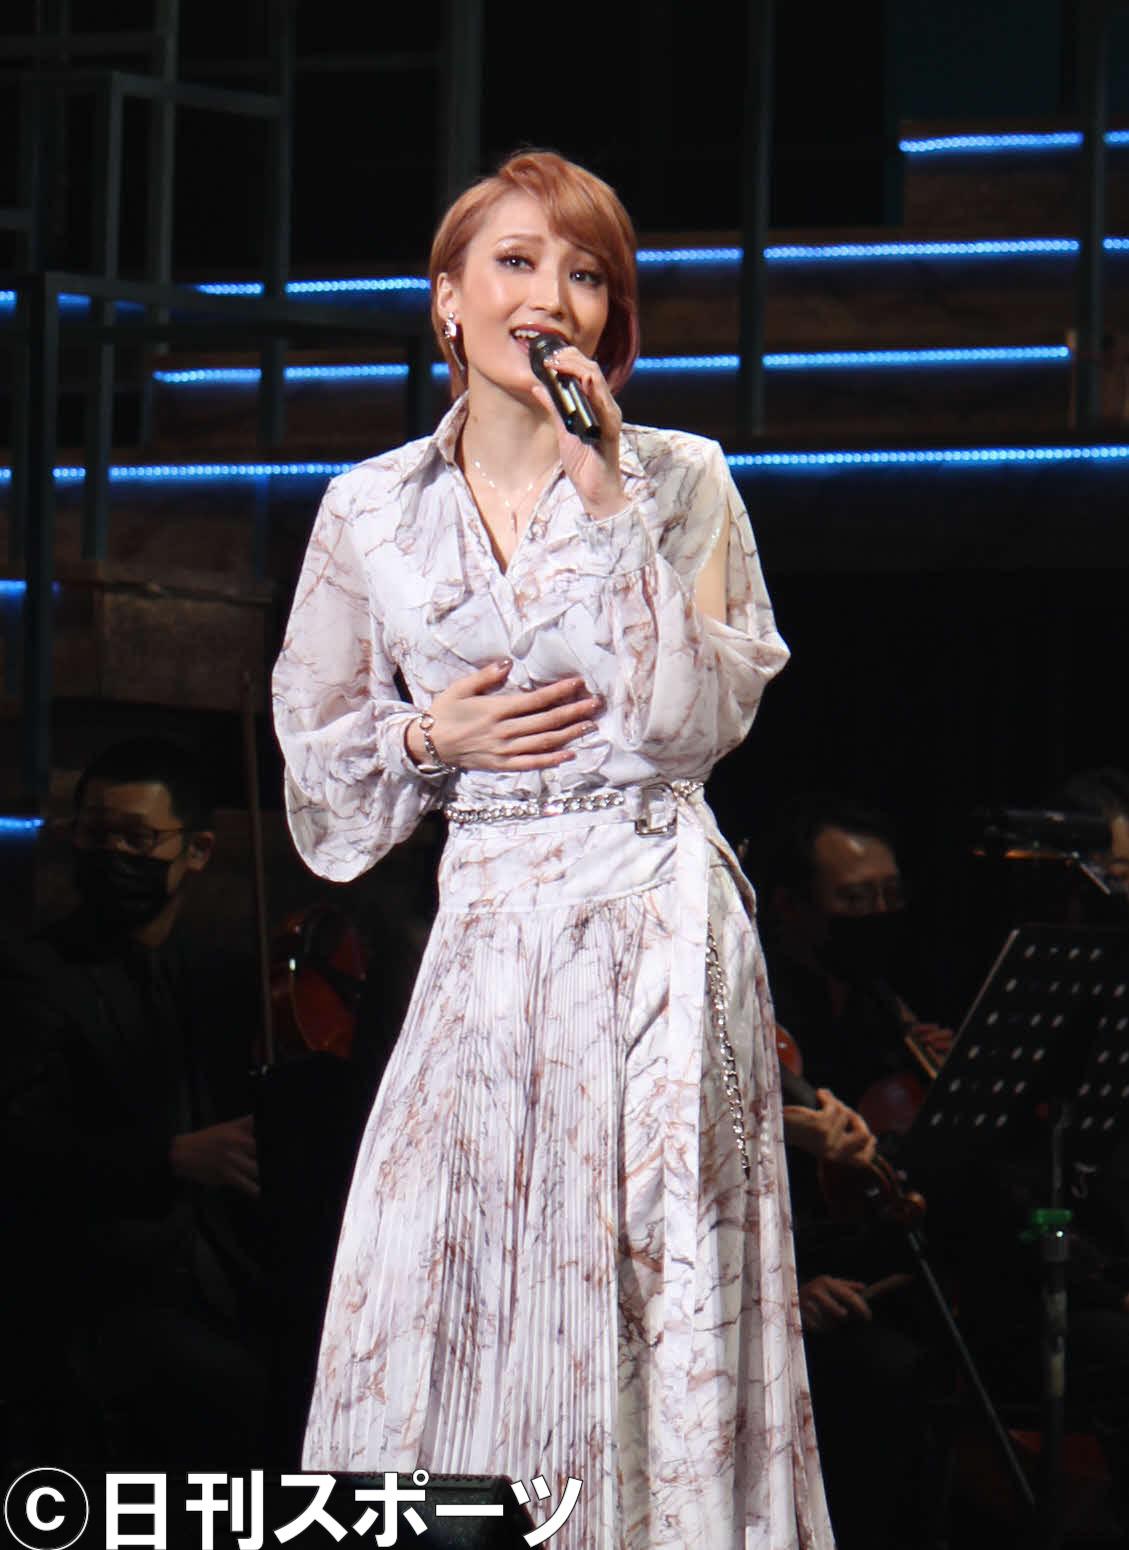 退団後初コンサートで、ドレス姿も披露する望海風斗(撮影・村上久美子)